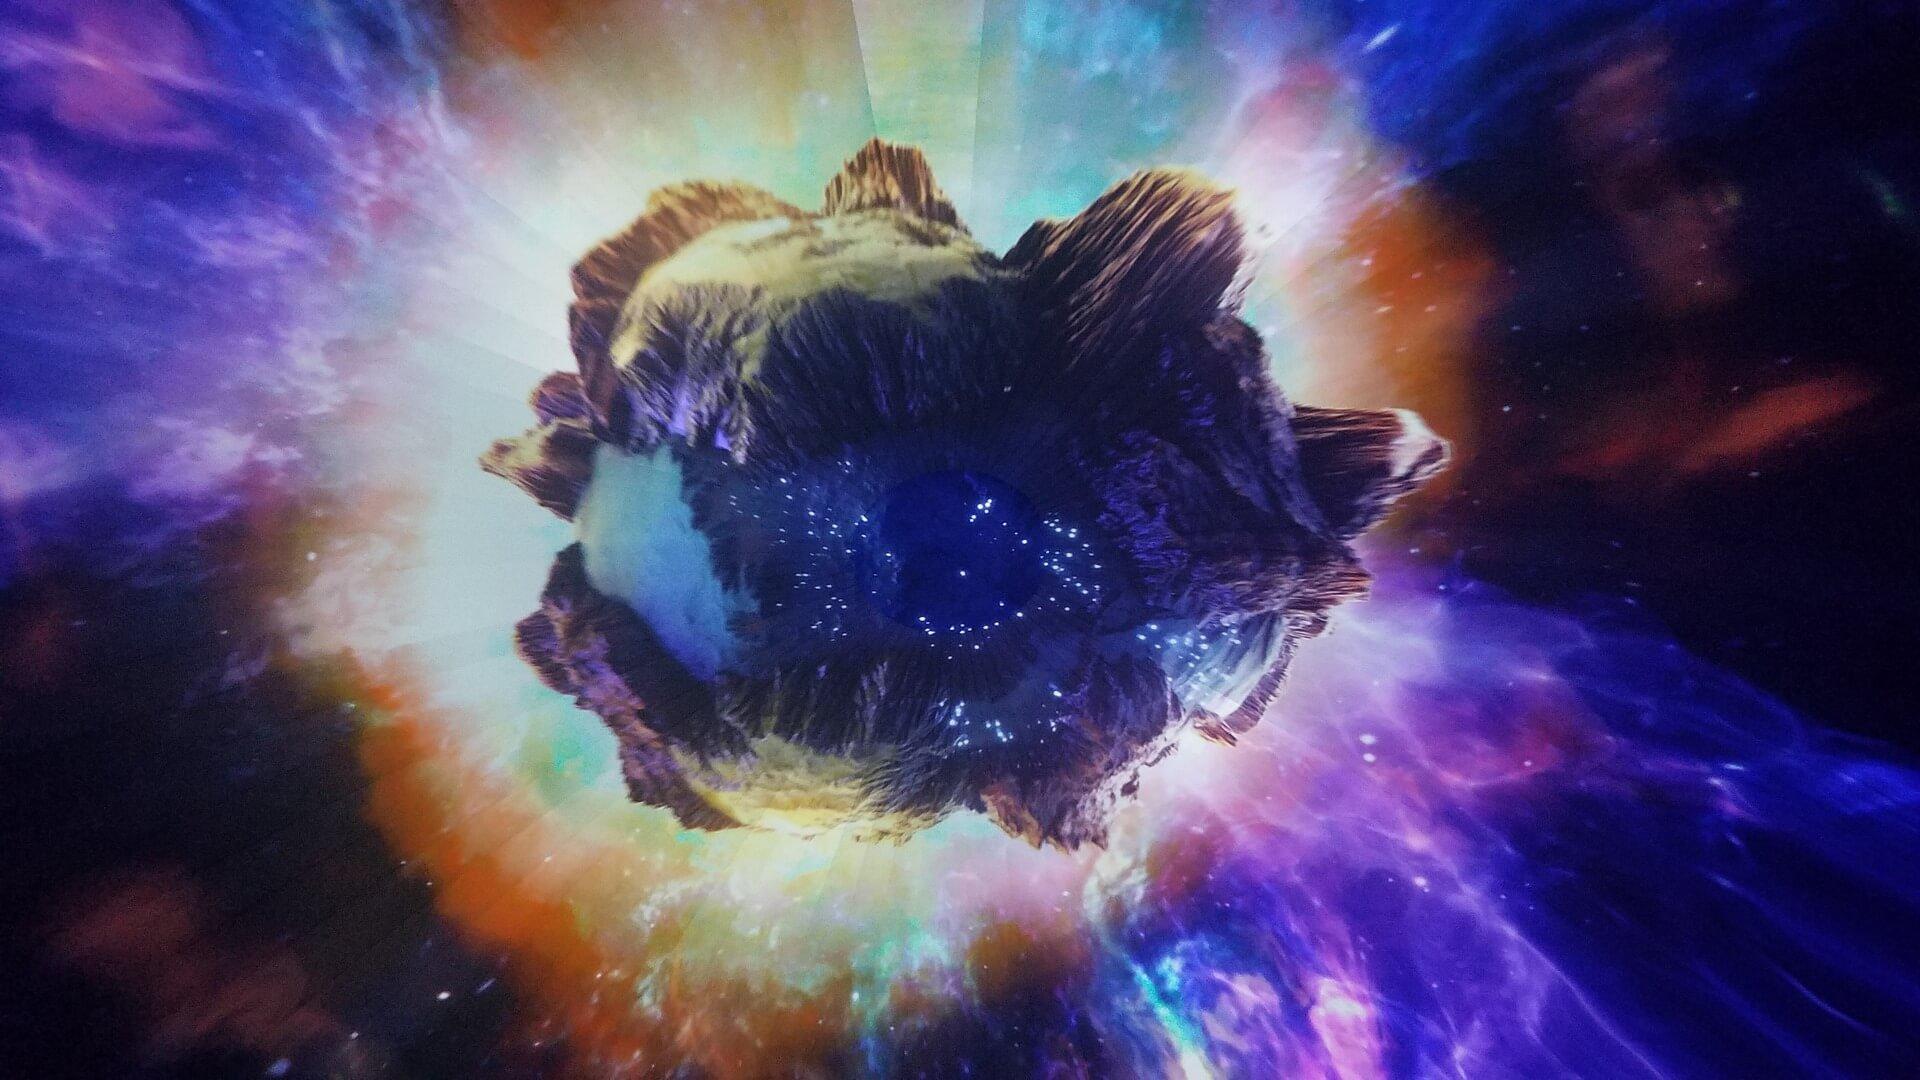 Der größte Komet aller Zeiten ist erwacht